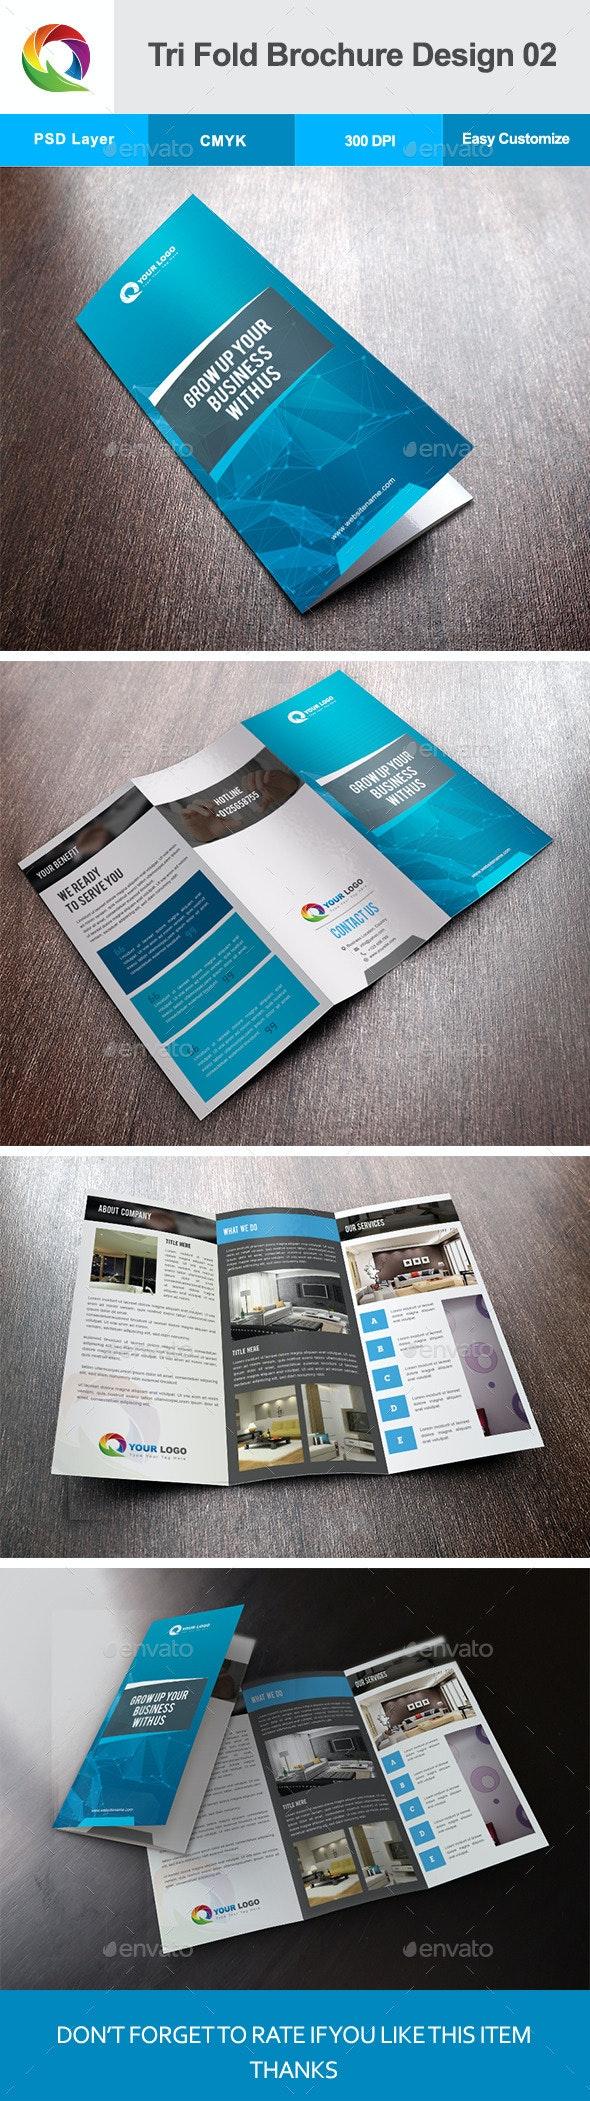 Tri Fold Brochure Design 02 - Corporate Brochures